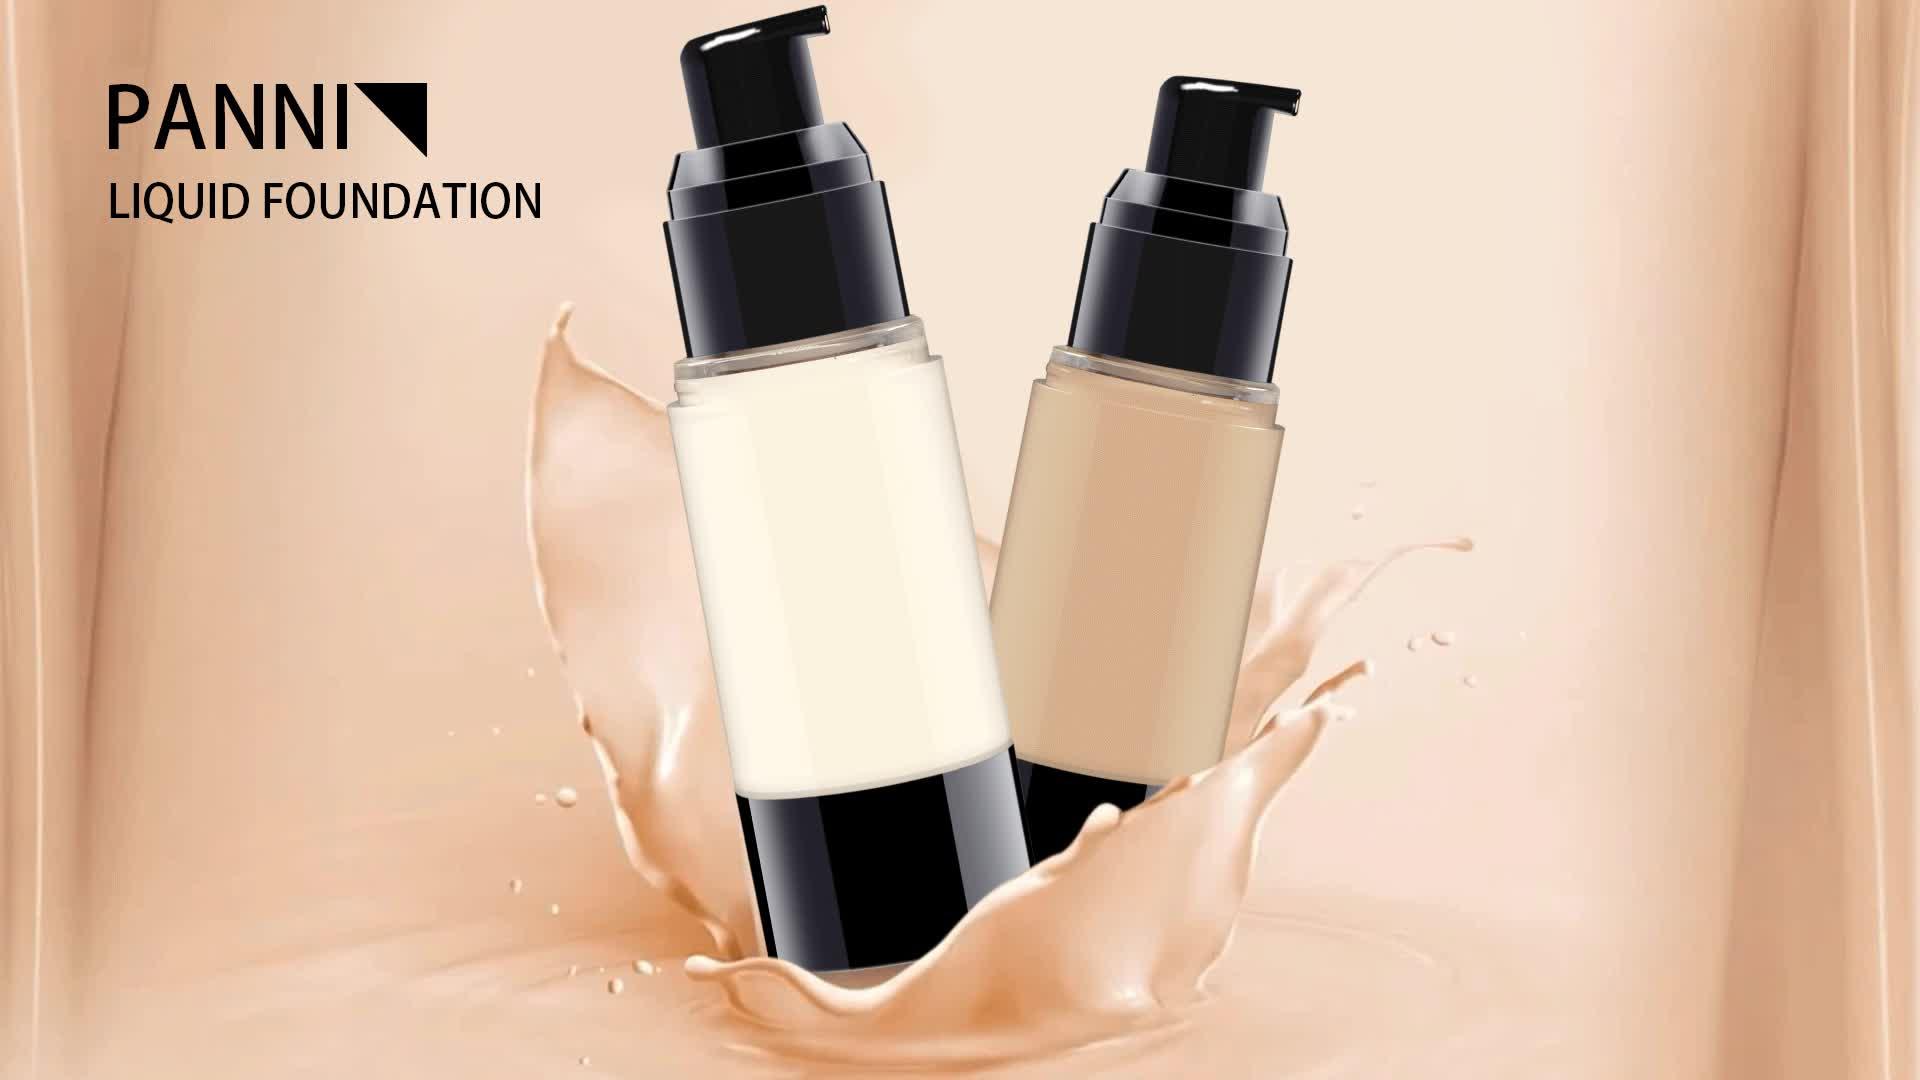 ขายส่งเครื่องสำอางค์ 25 สีตัวเลือก moisturizer กันน้ำแต่งหน้า dark สี liquid มังสวิรัติ foundation